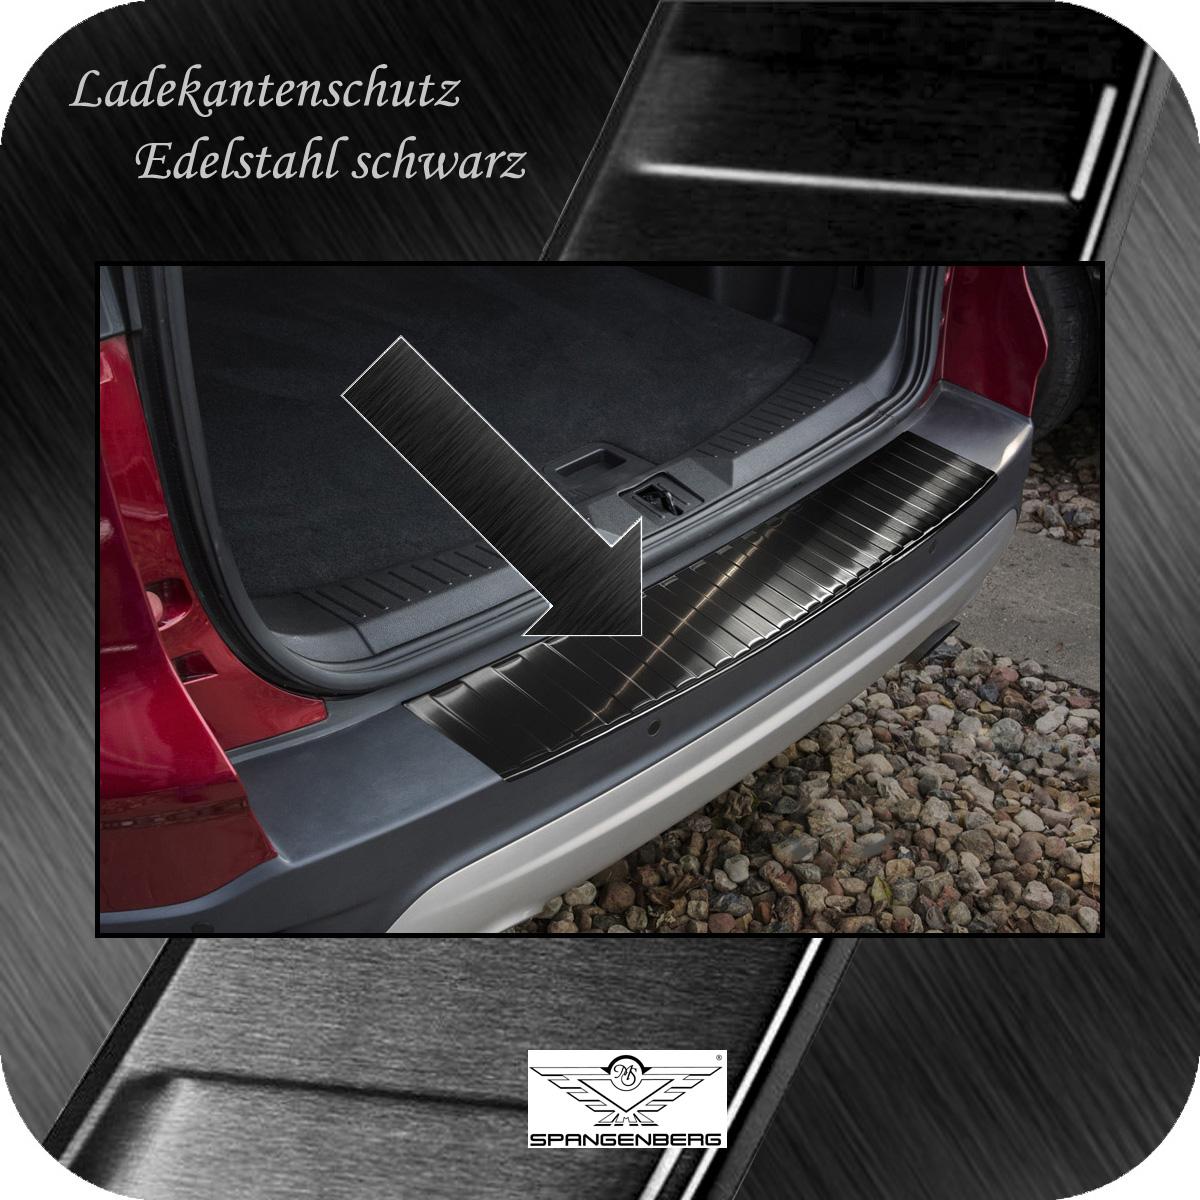 Ladekantenschutz Edelstahl schwarz graphit Ford Kuga II SUV ab 03.2013- 3245010